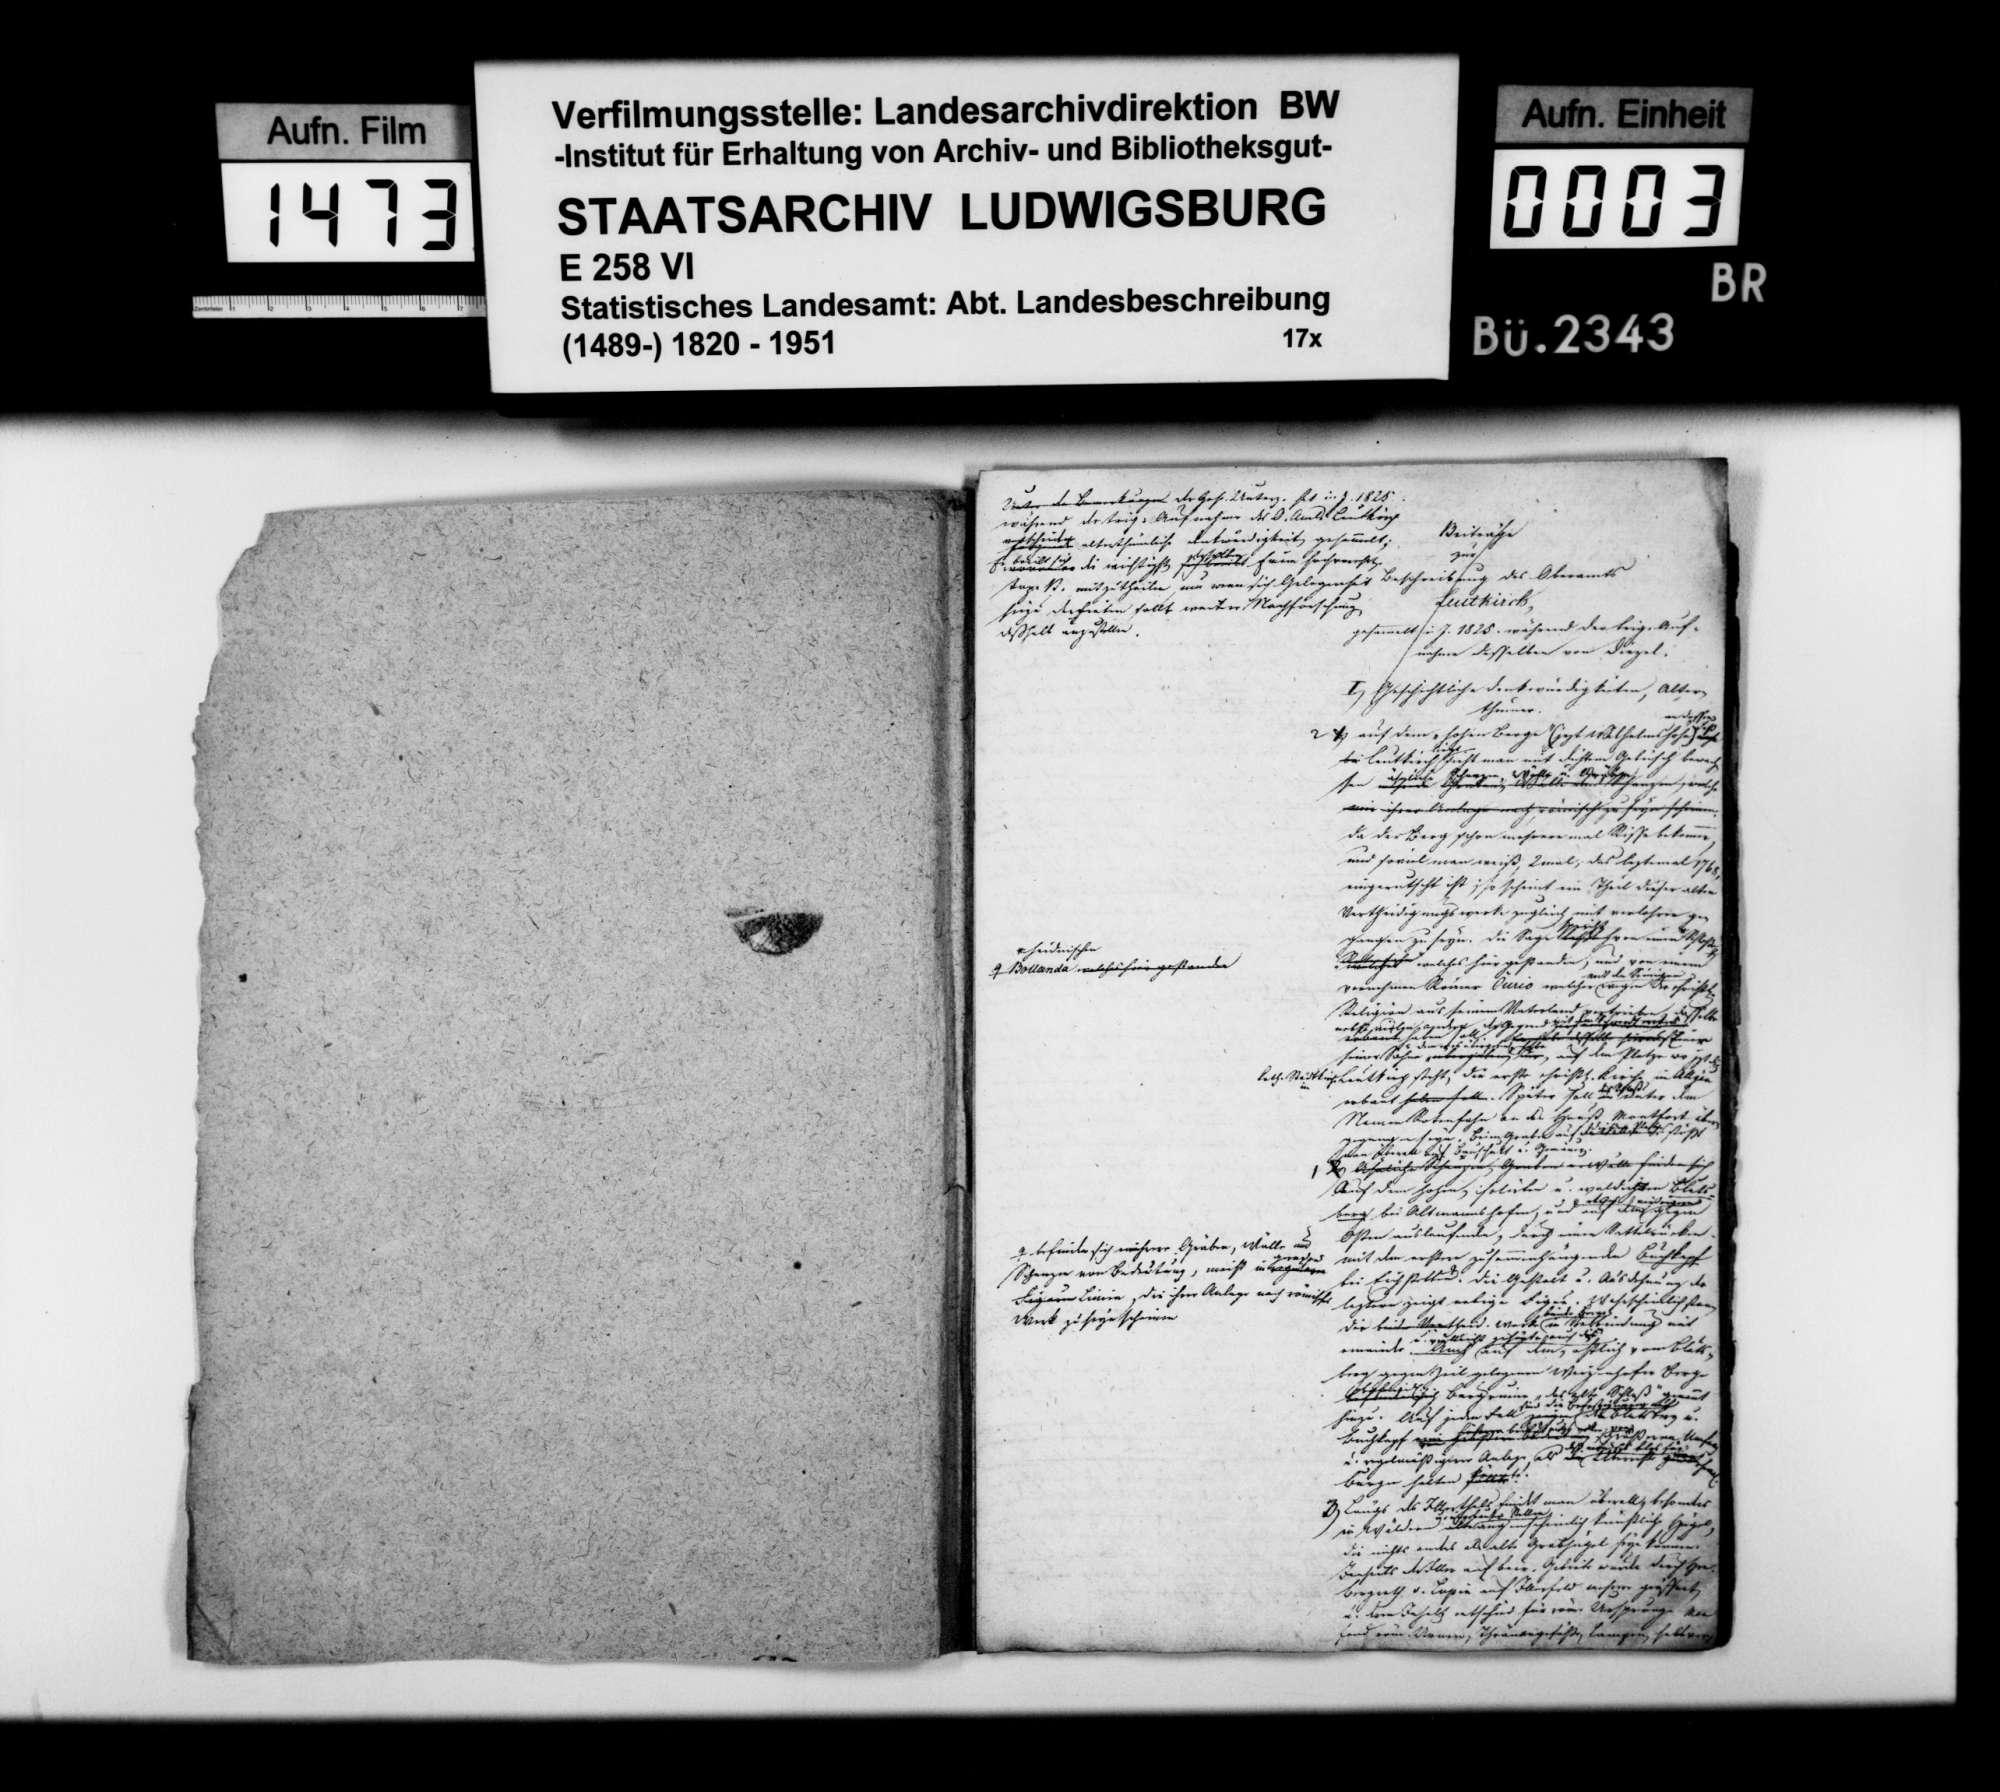 Mitteilungen des Trigonometers Diezel zur Beschreibung des Oberamts, notiert 1825 bei der trigonometrischen Aufnahme, Bild 2